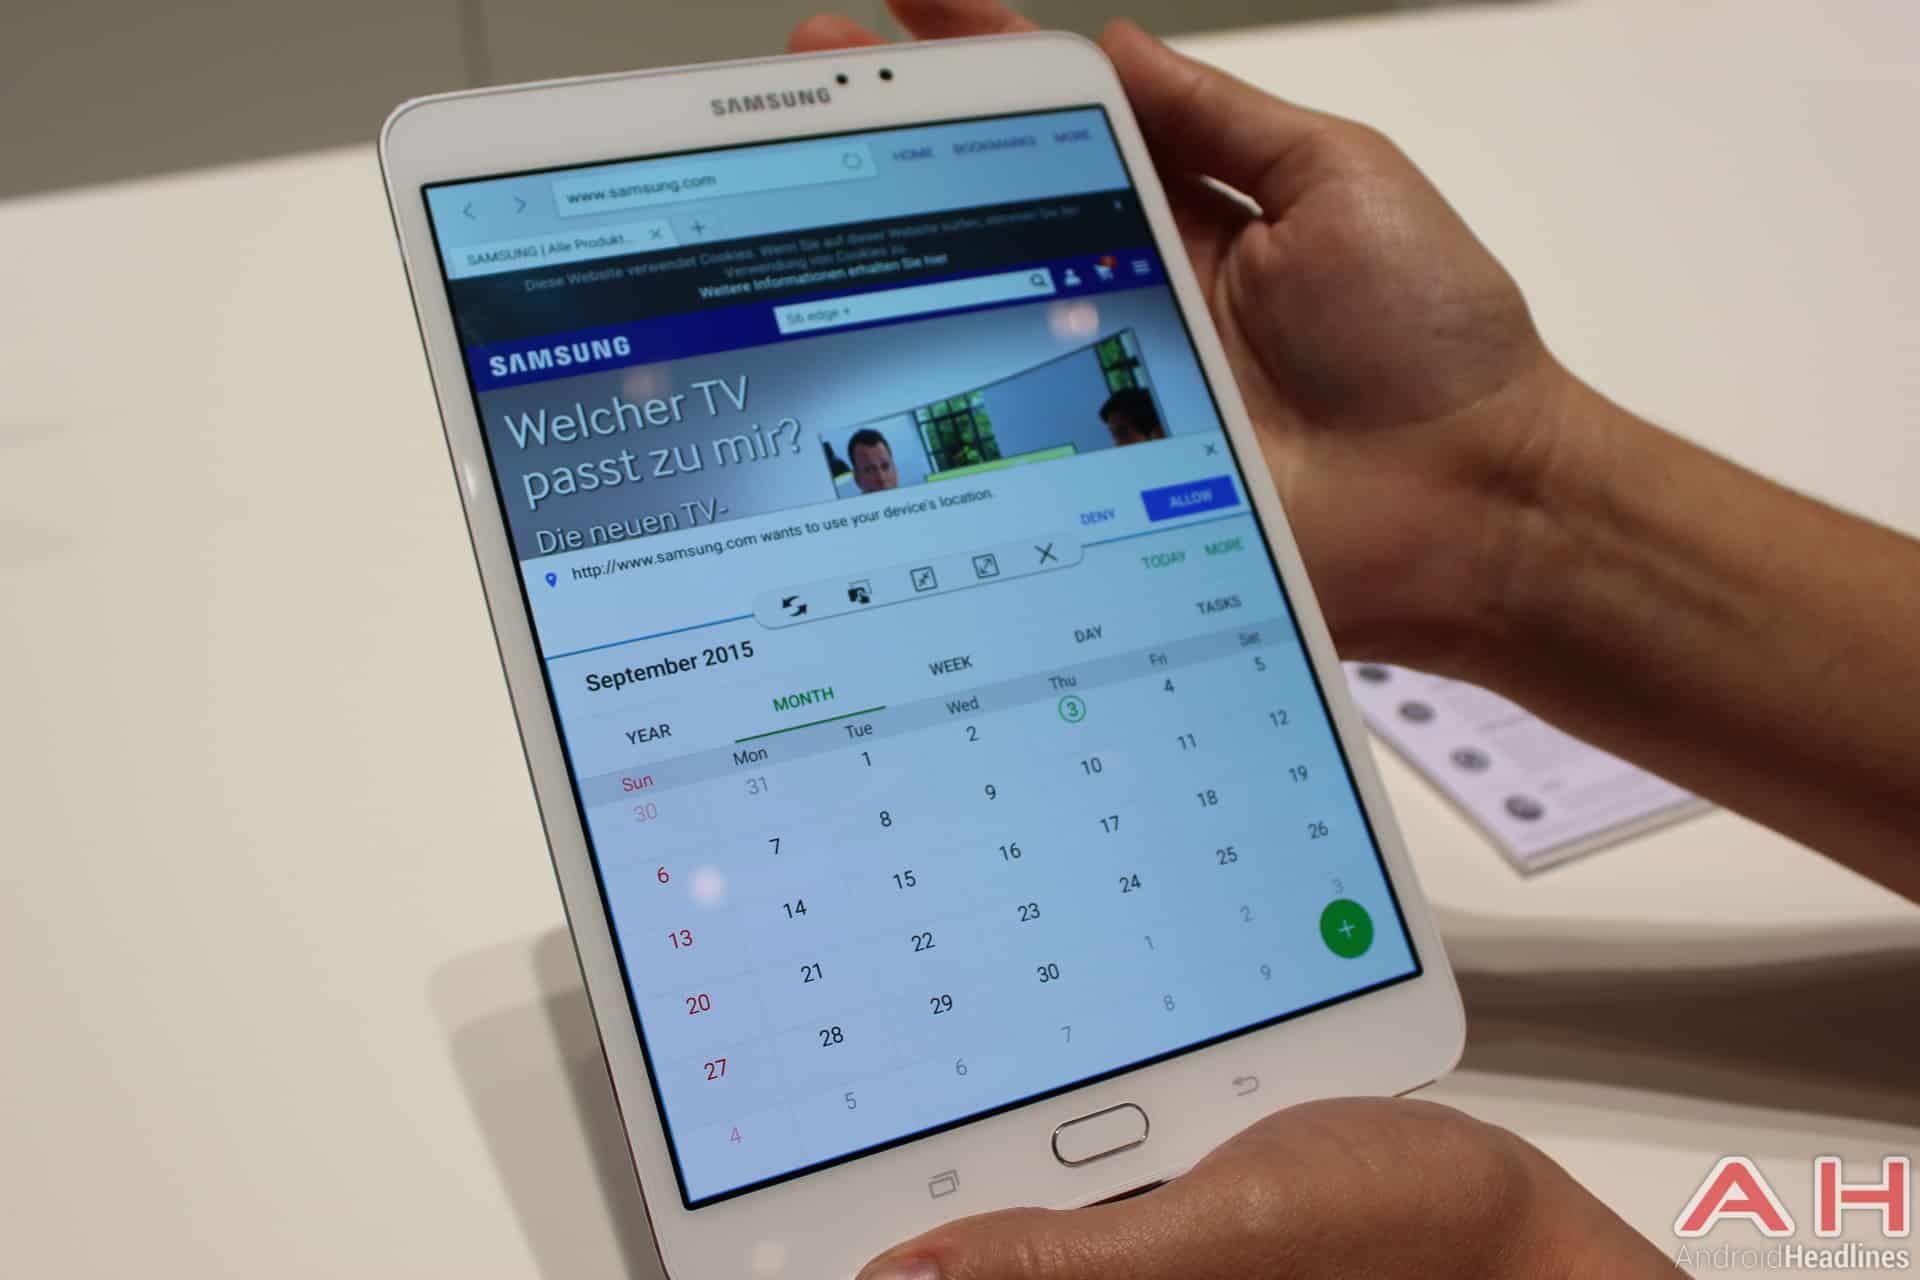 Galaxy Tab S2 IFA AH 5